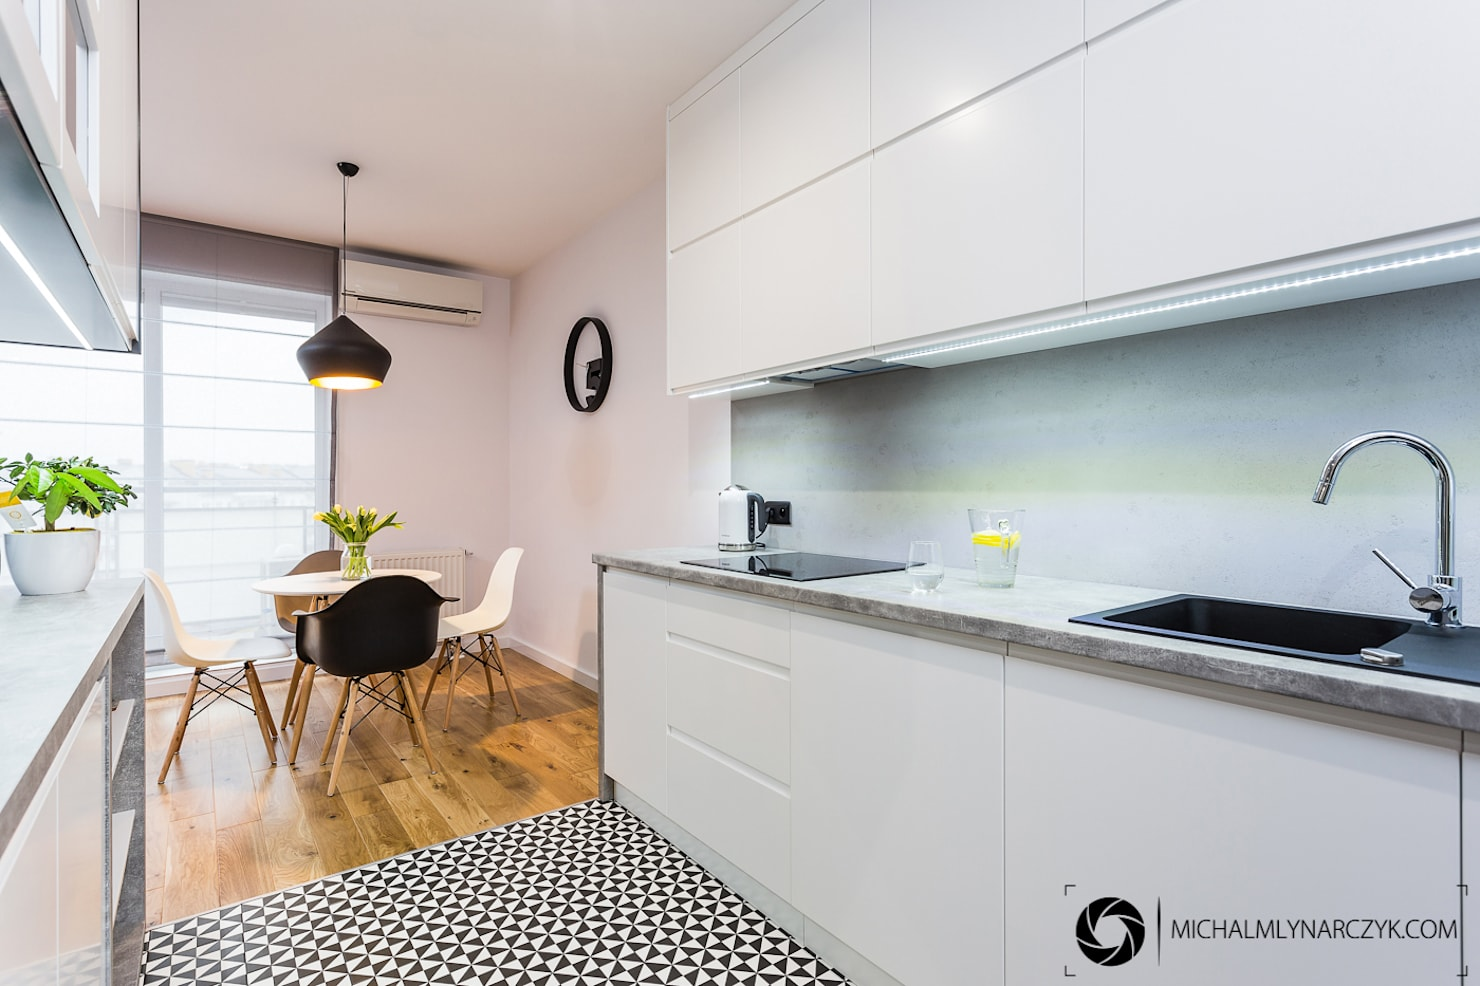 11 fotos de un apartamento para copiar de inmediato